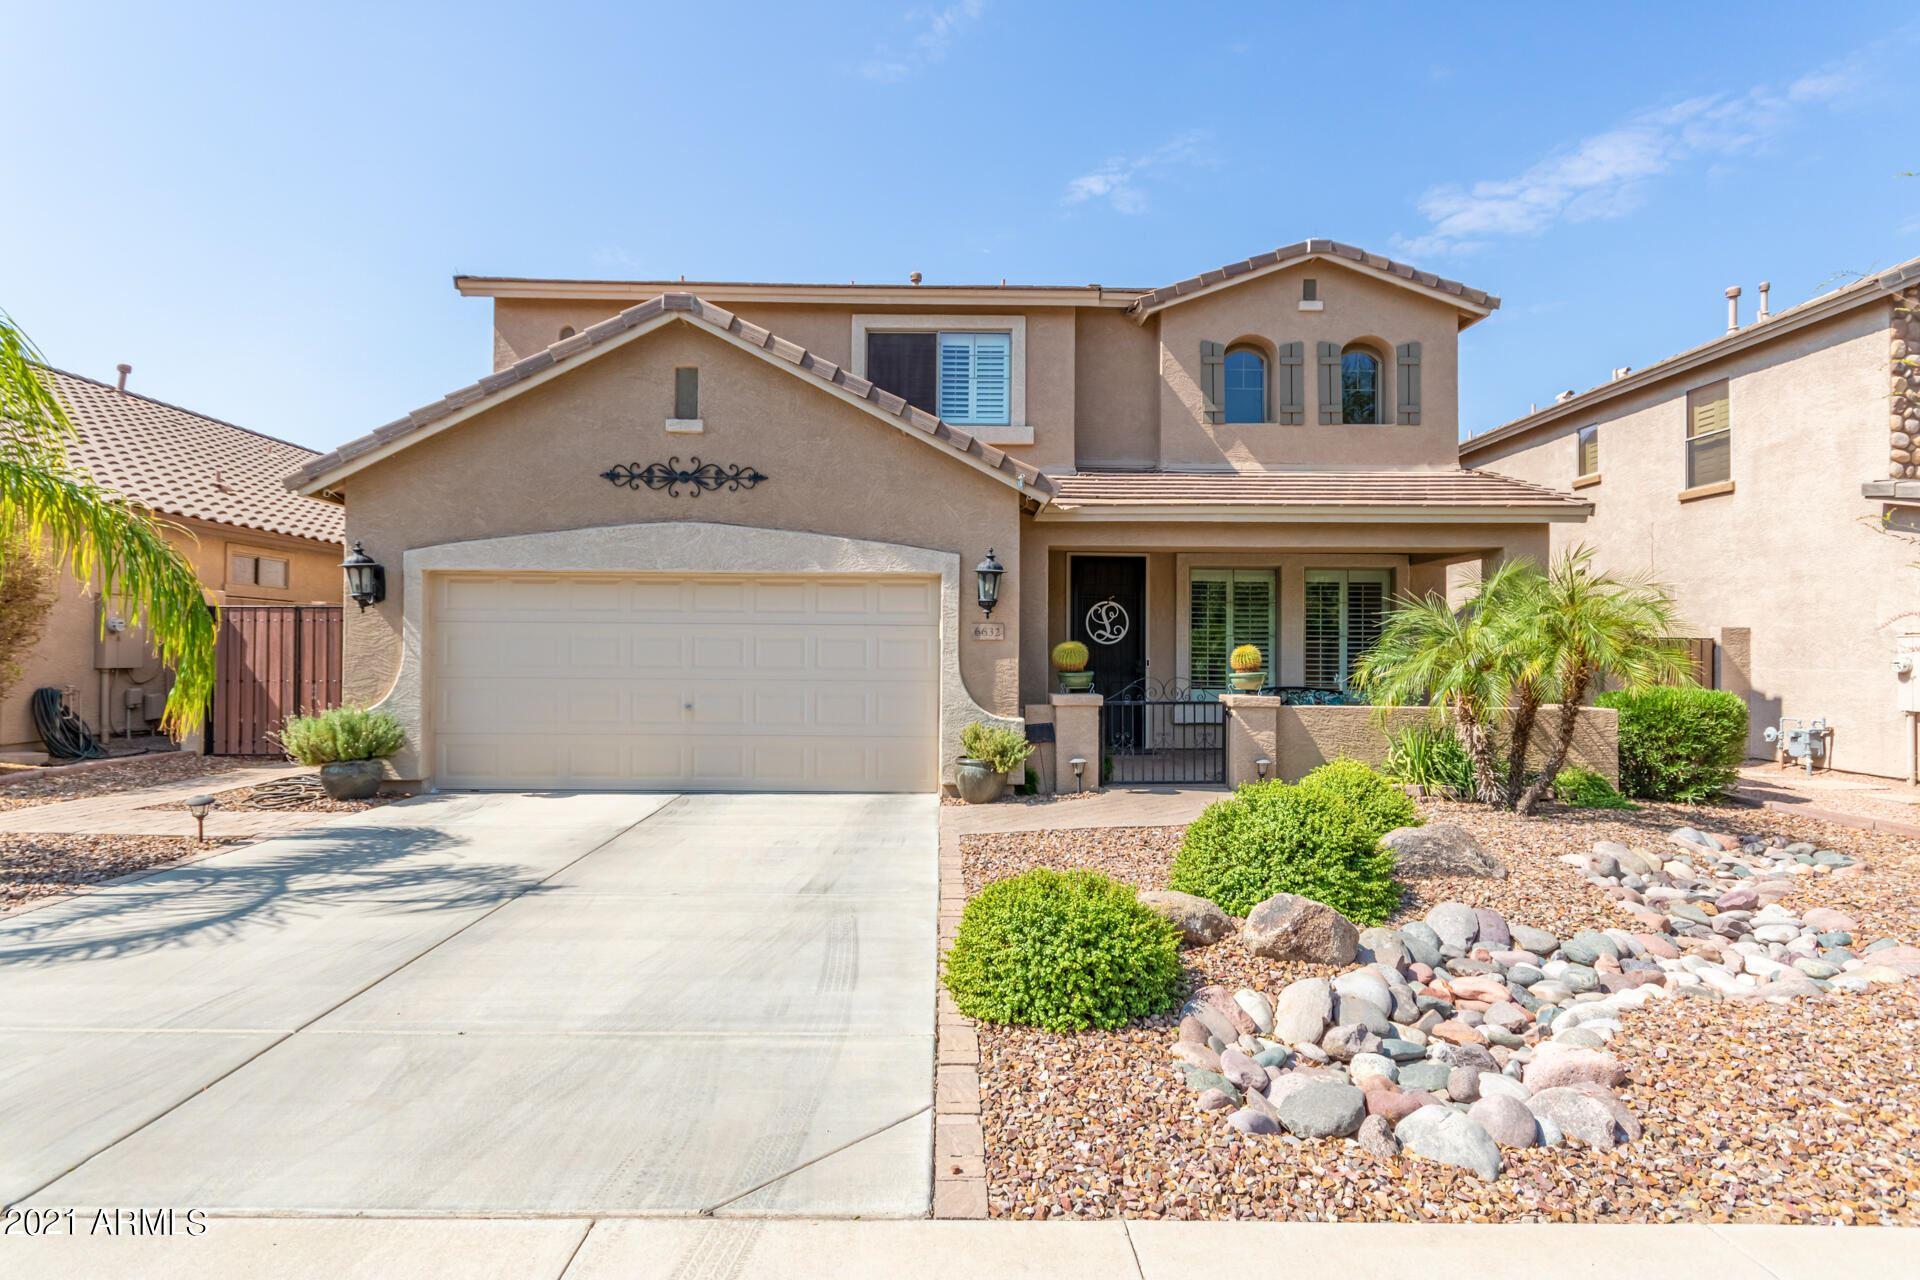 Photo of 6632 S CARTIER Drive, Gilbert, AZ 85298 (MLS # 6296360)